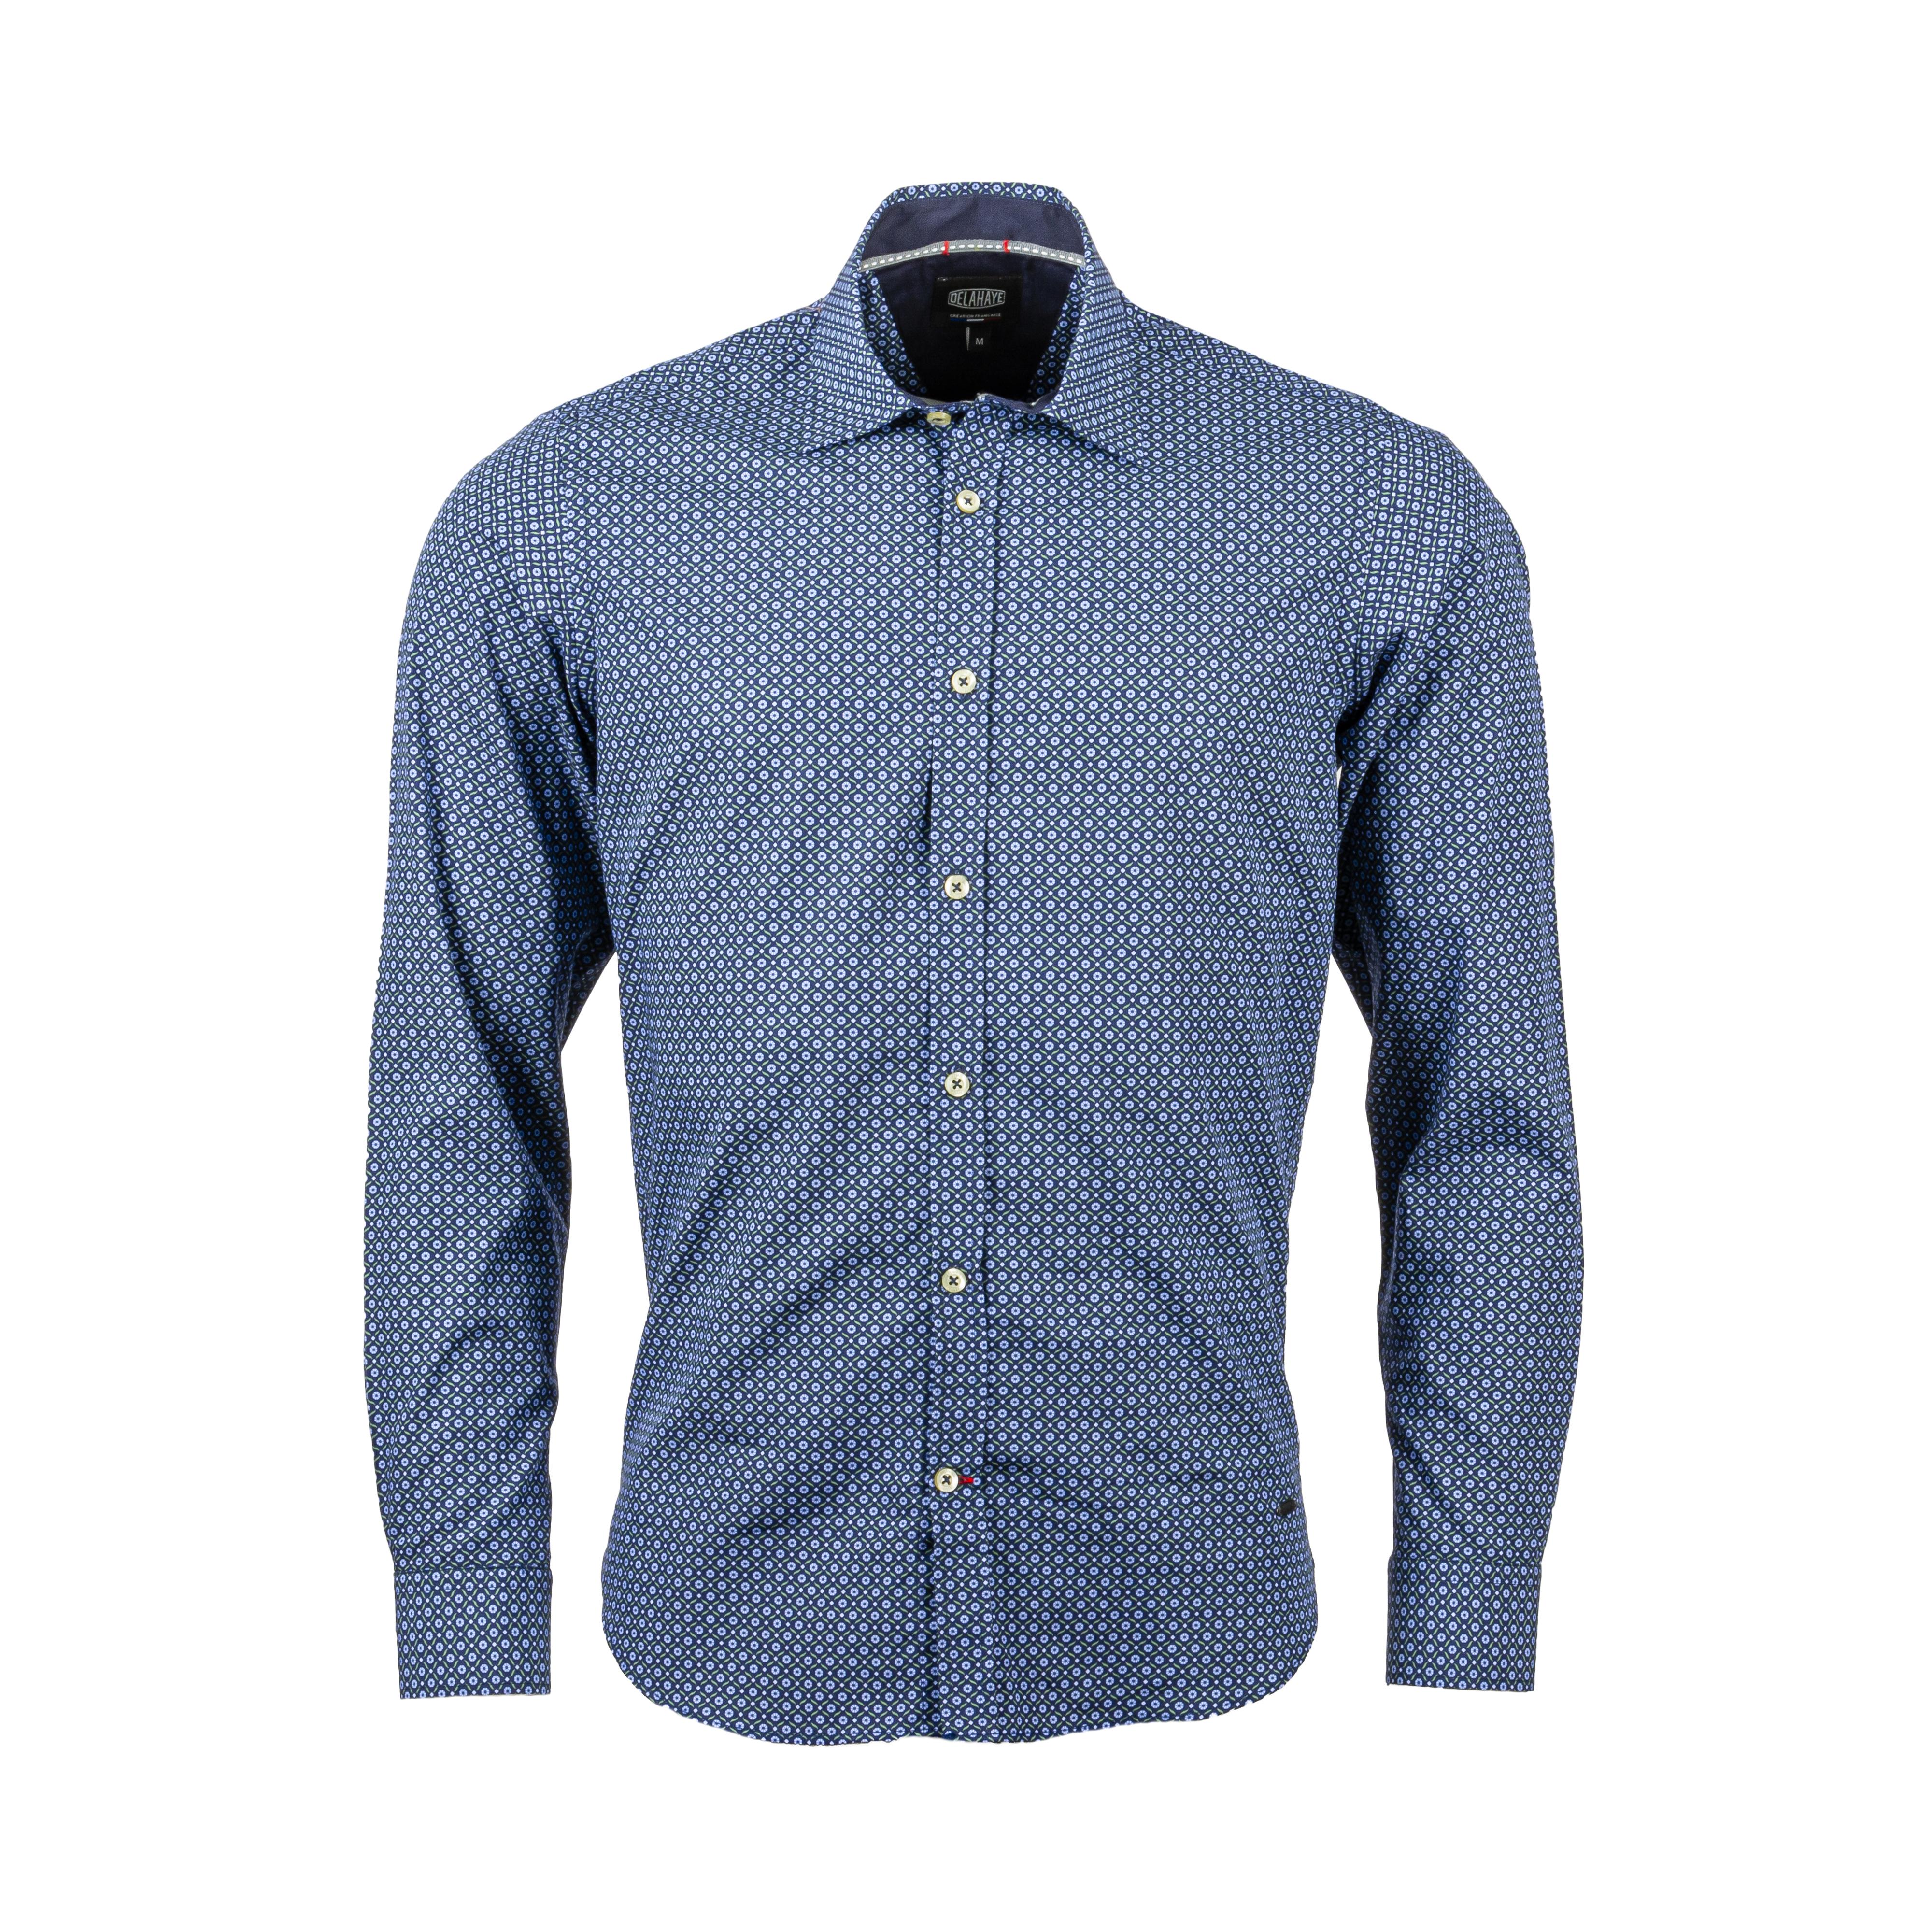 Chemise ajustée Delahaye en coton bleu marine à motifs verts et gris